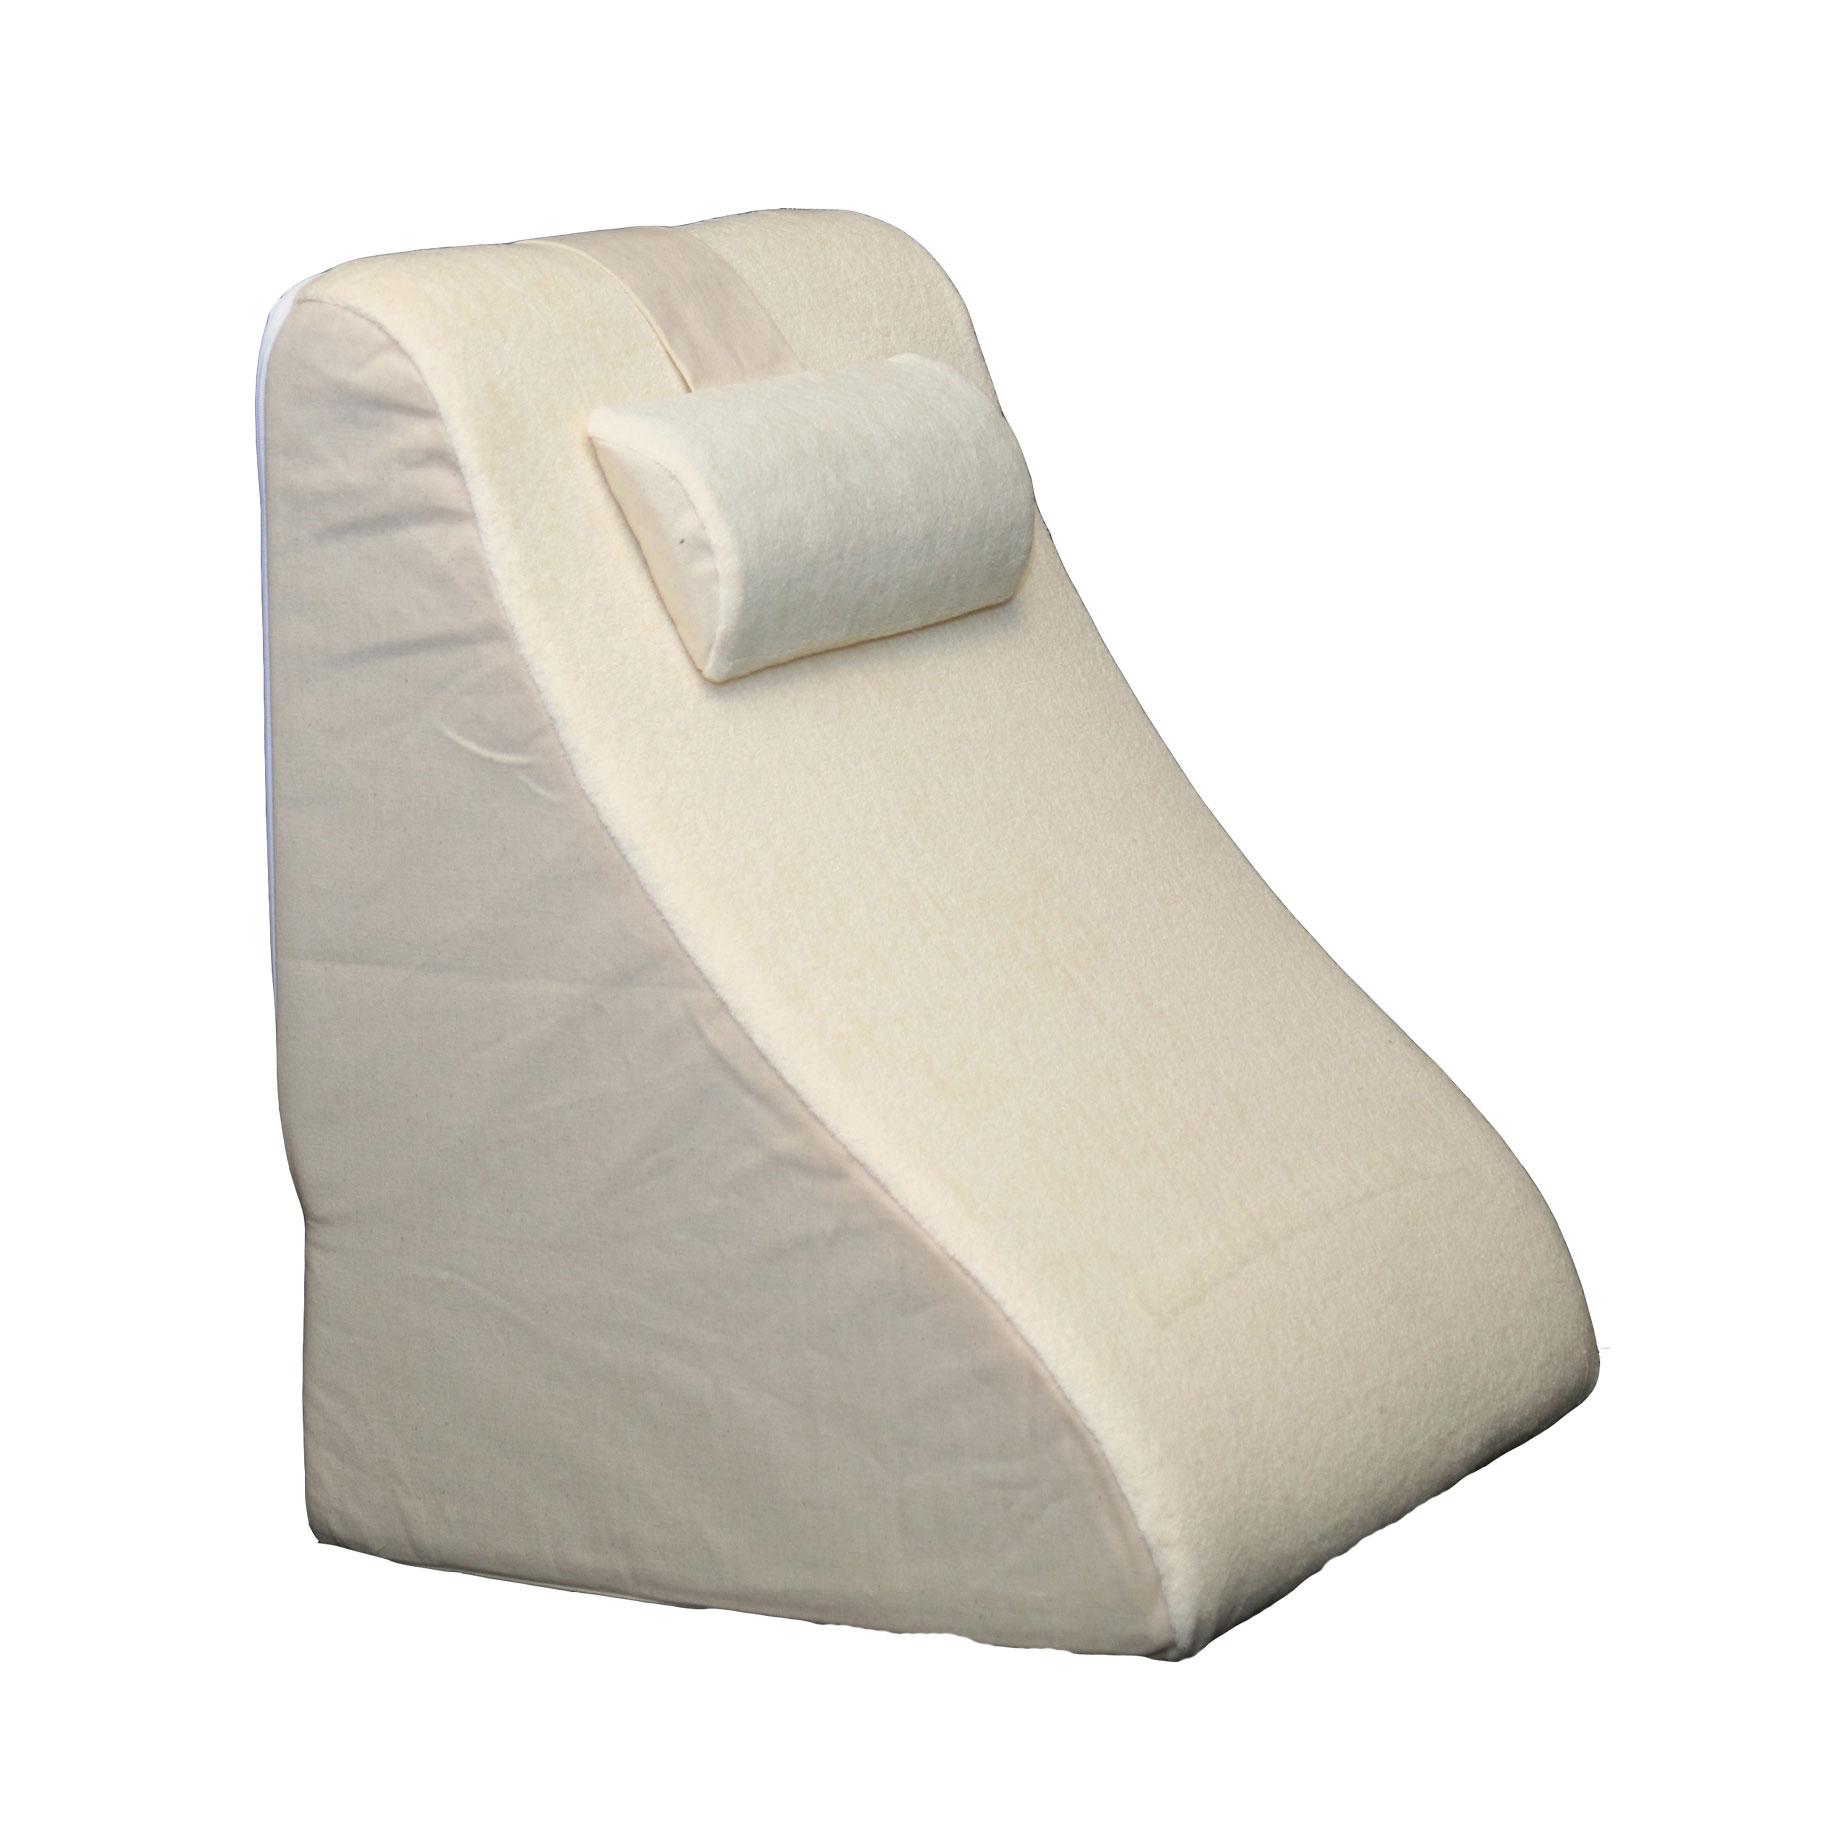 br2500bw betterrest deluxe memory foam bed wedge